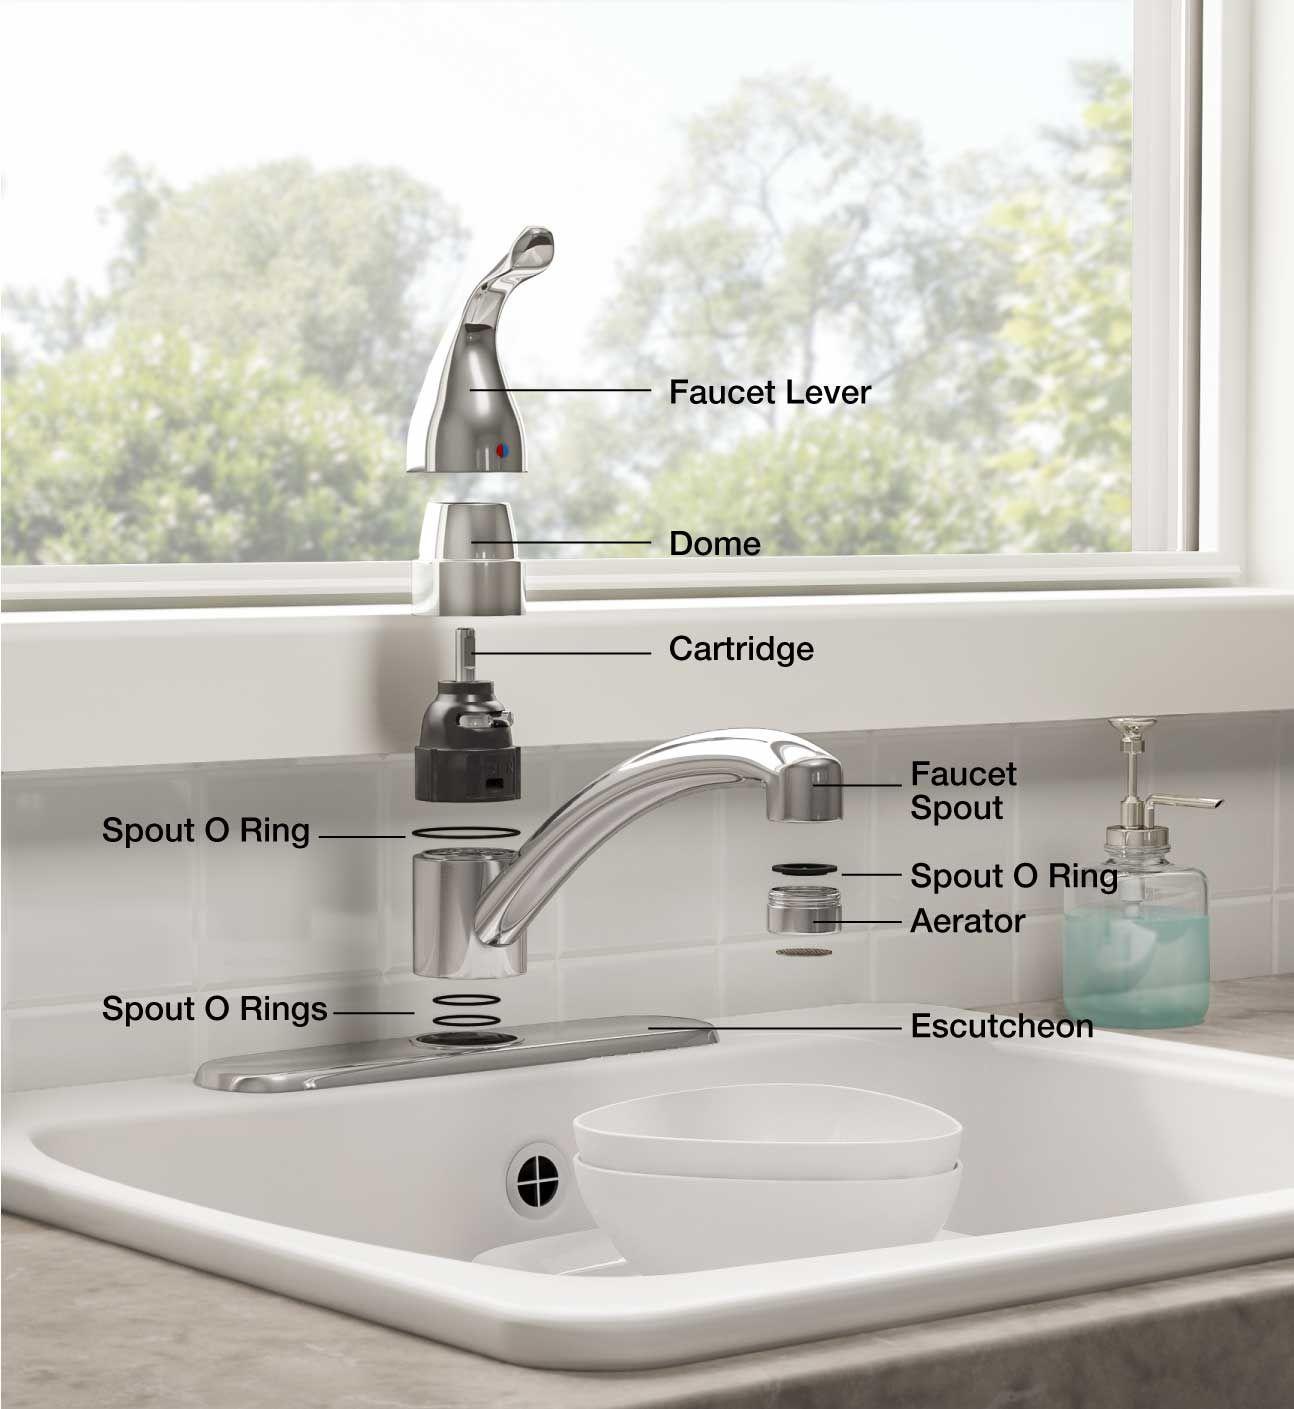 10 How To Choose Cohesive Bathroom Plumbing Fixtures Kitchen Faucet Parts Faucet Parts Kitchen Faucet